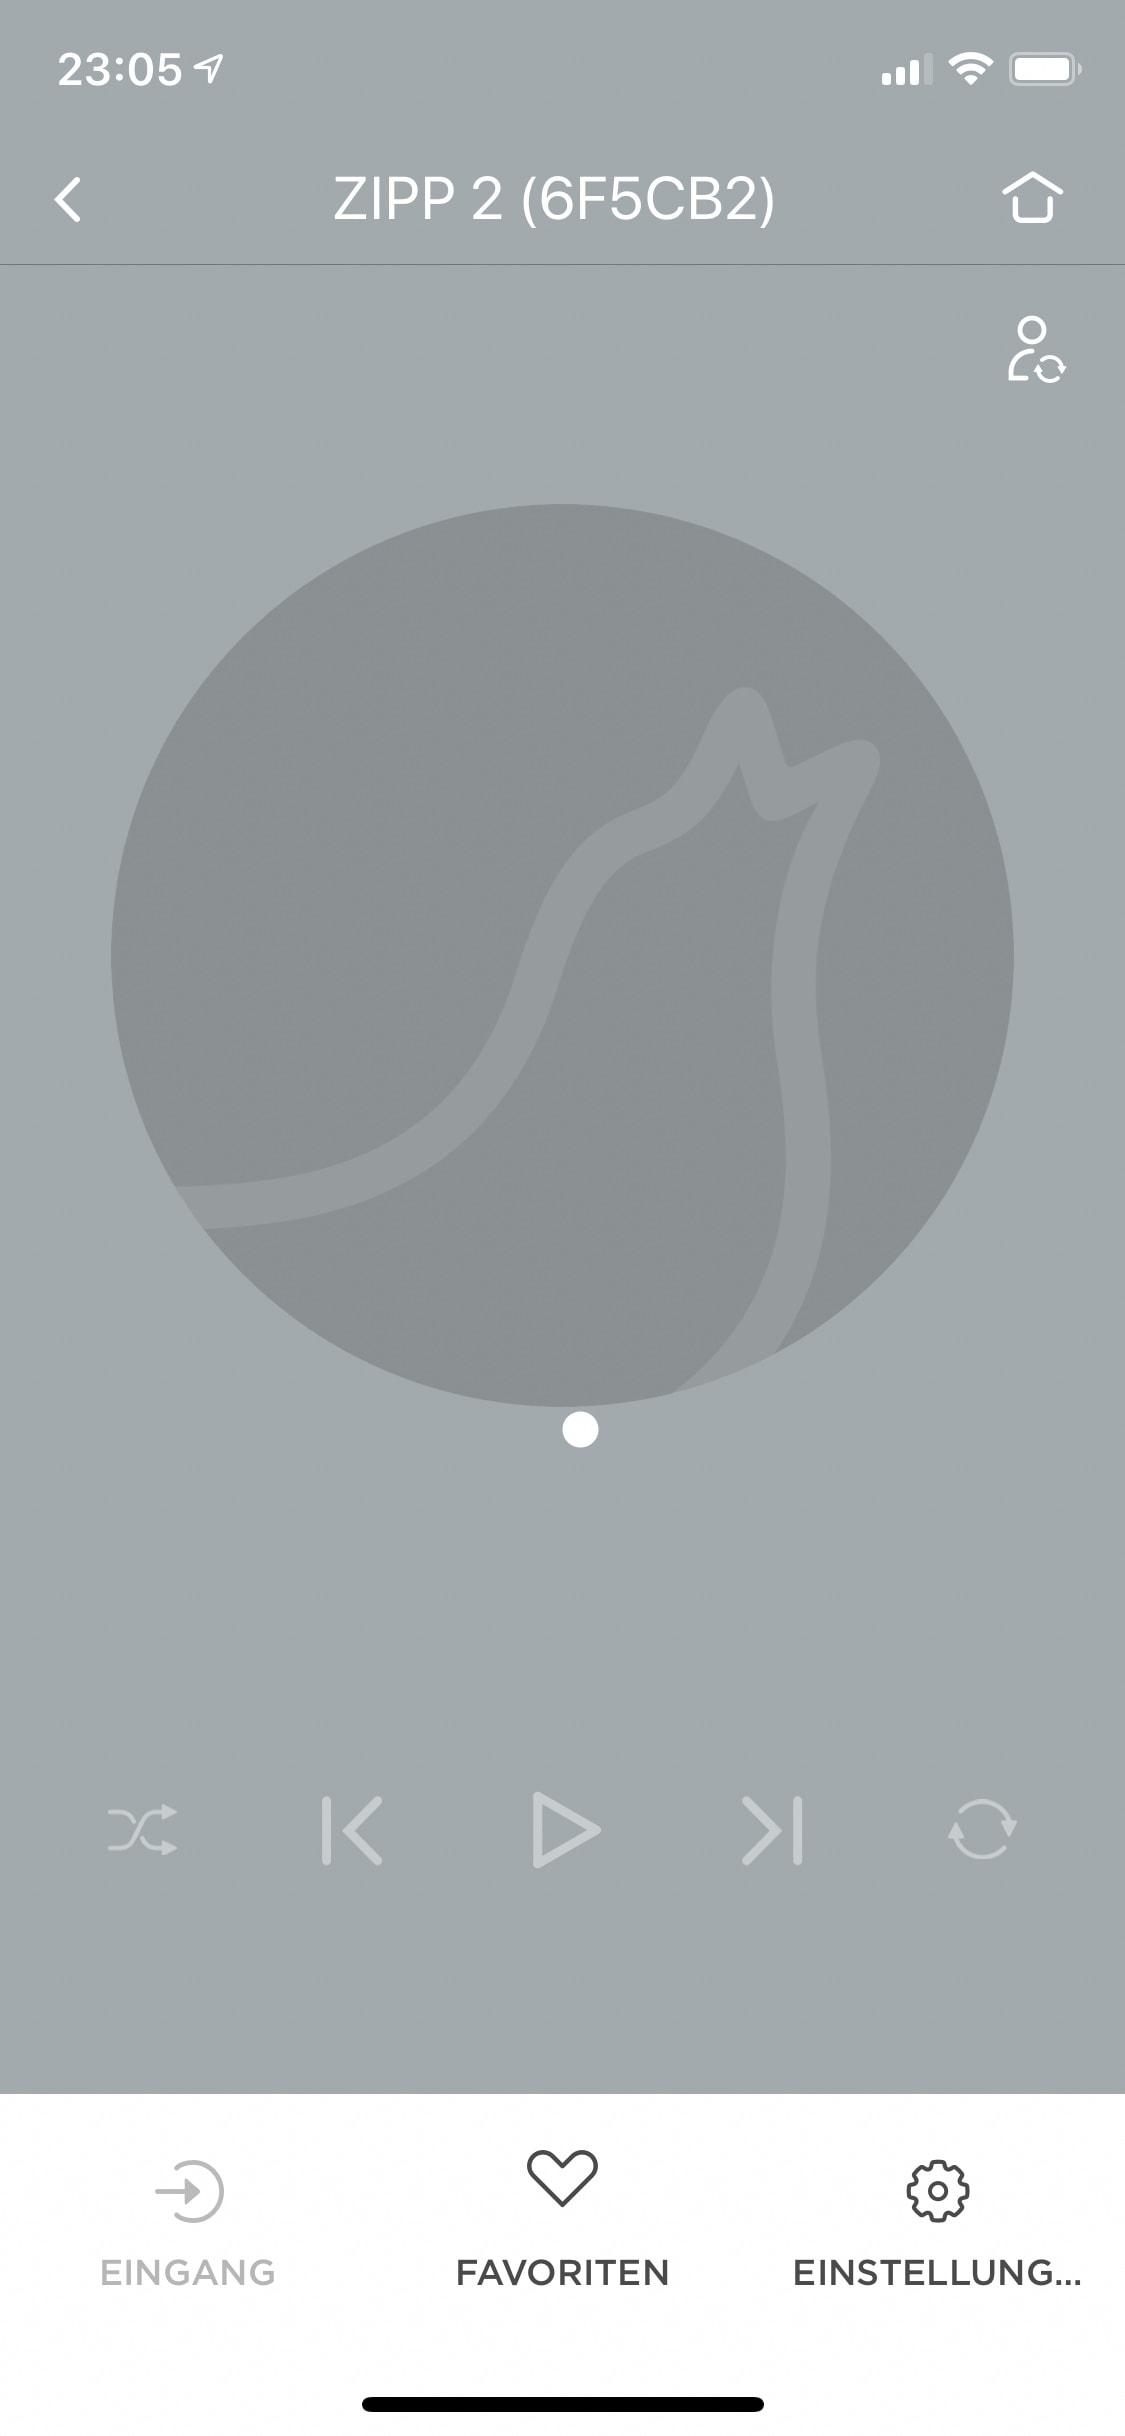 Startseite des Zipp 2